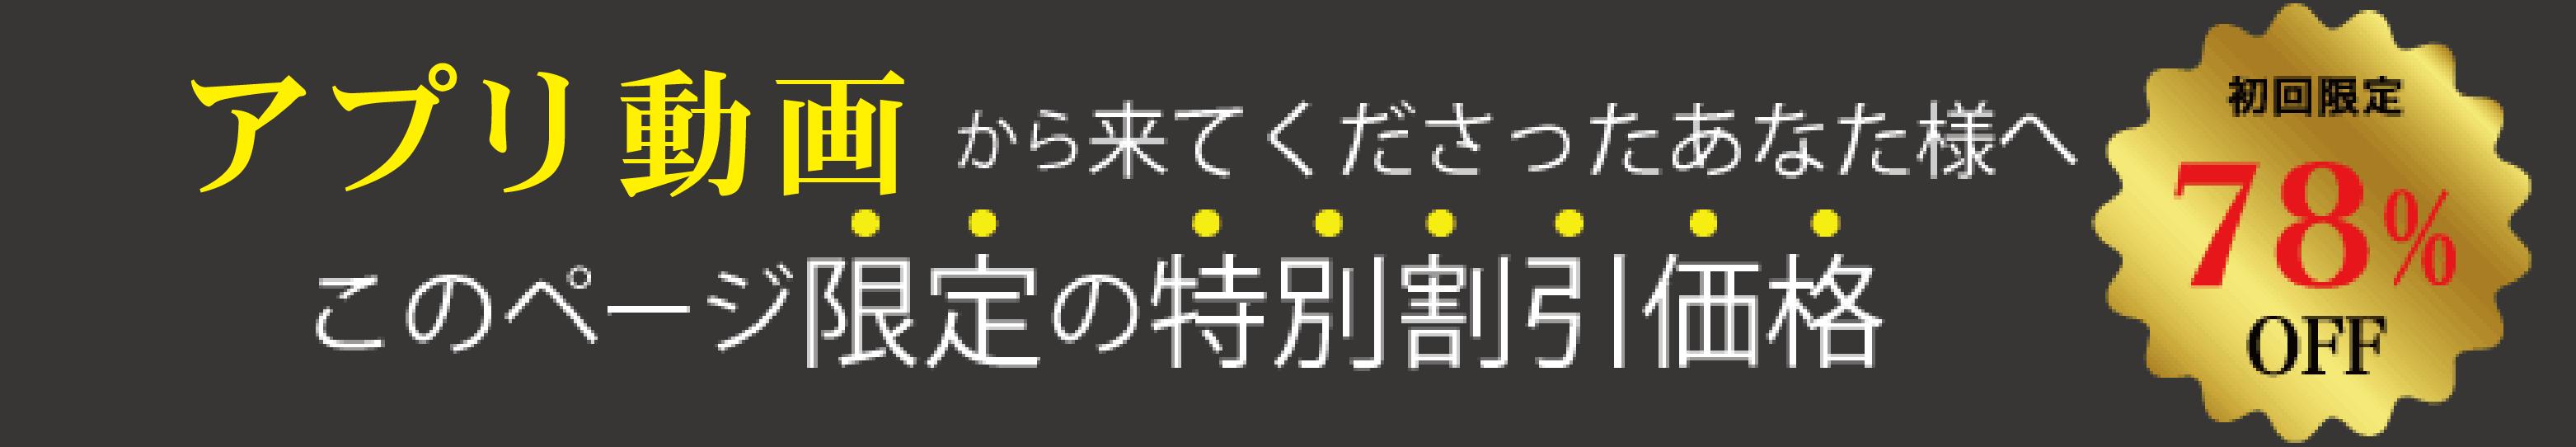 """""""アプリ動画から来てくださったあなた様へ"""""""